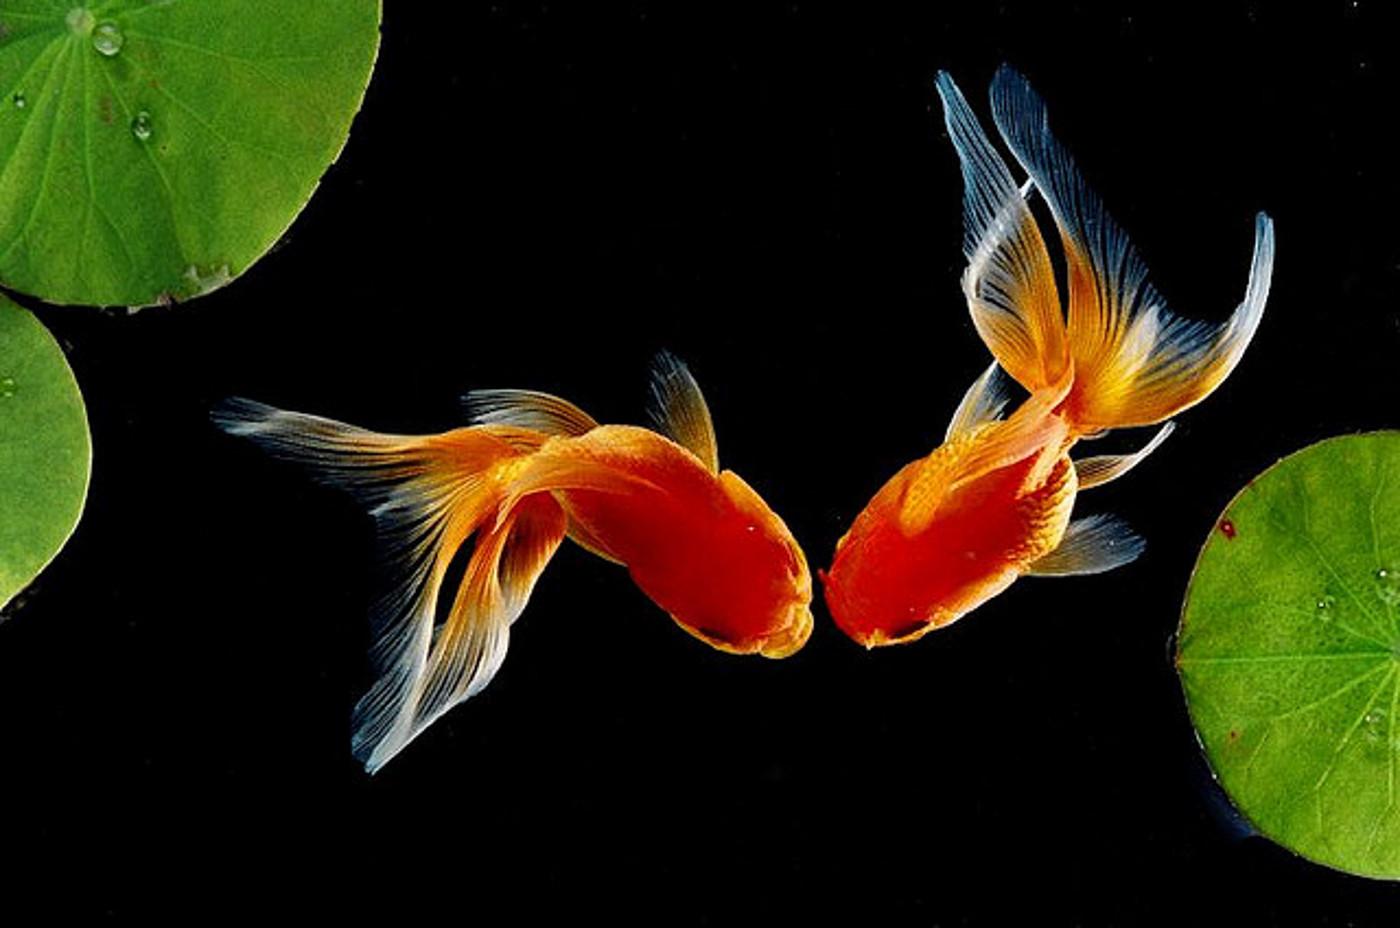 Pin Gold Fish Wallpaper Animals Coral Nemo Sea Full Hd 1400x928